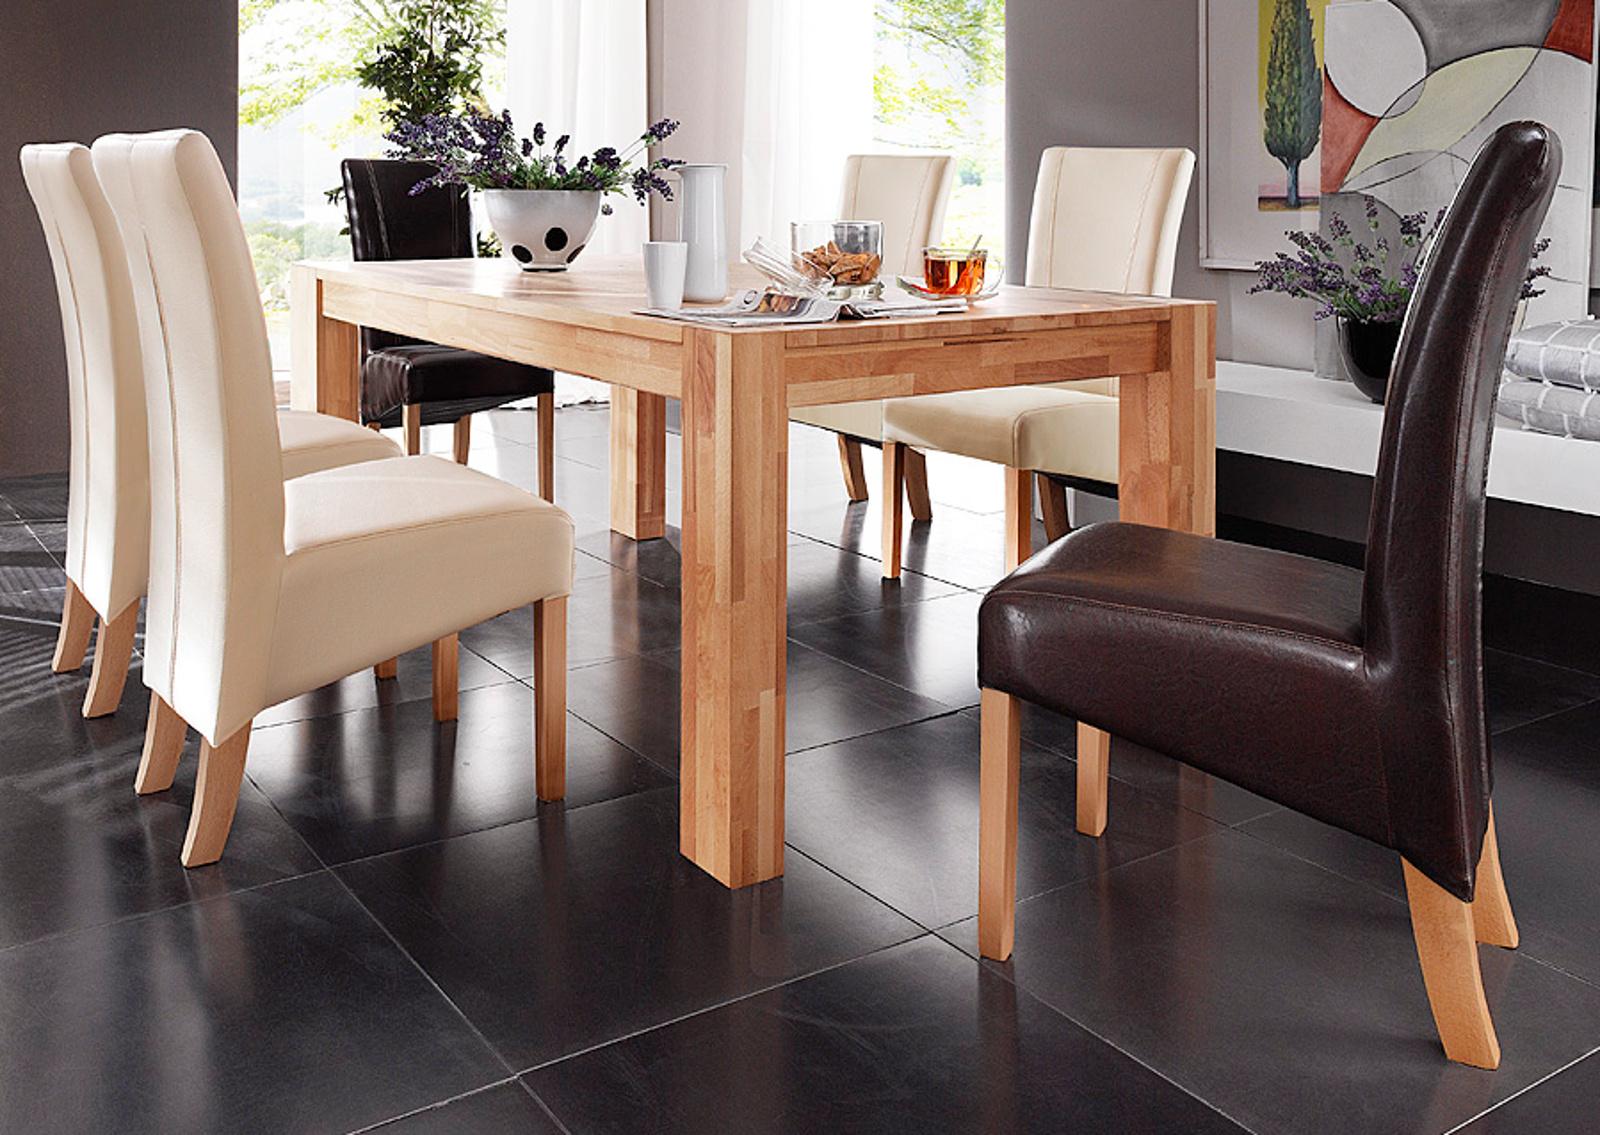 Büromöbel weiß grau  Moderne Büromöbel in Office grau - Designermöbel - moderne Möbel ...